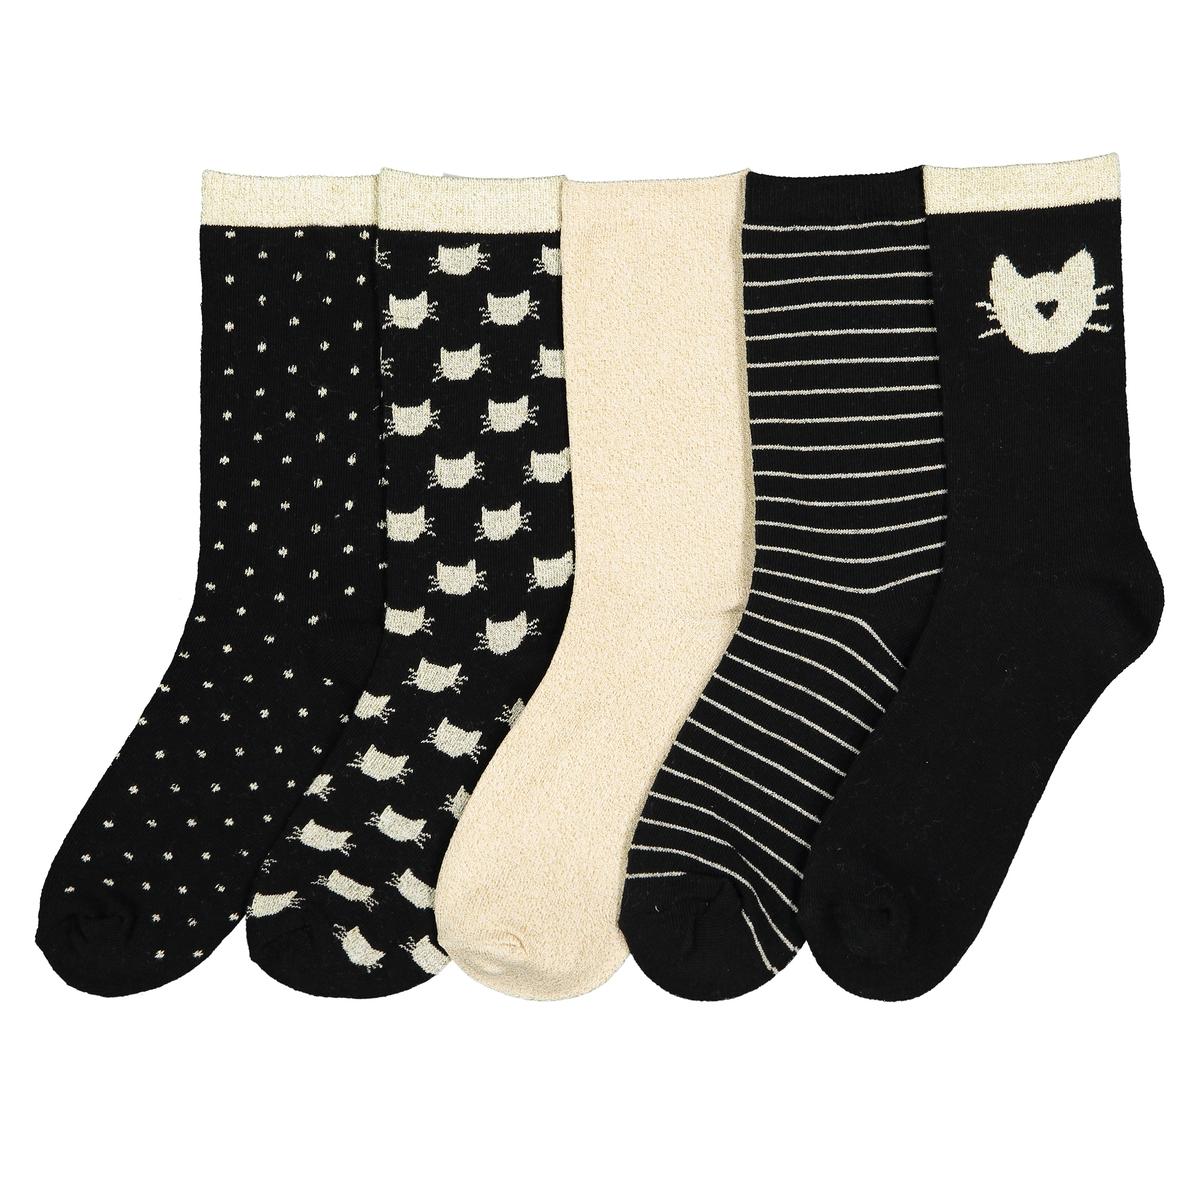 Комплект из пар носков La Redoute Размеры - 23/26 черный